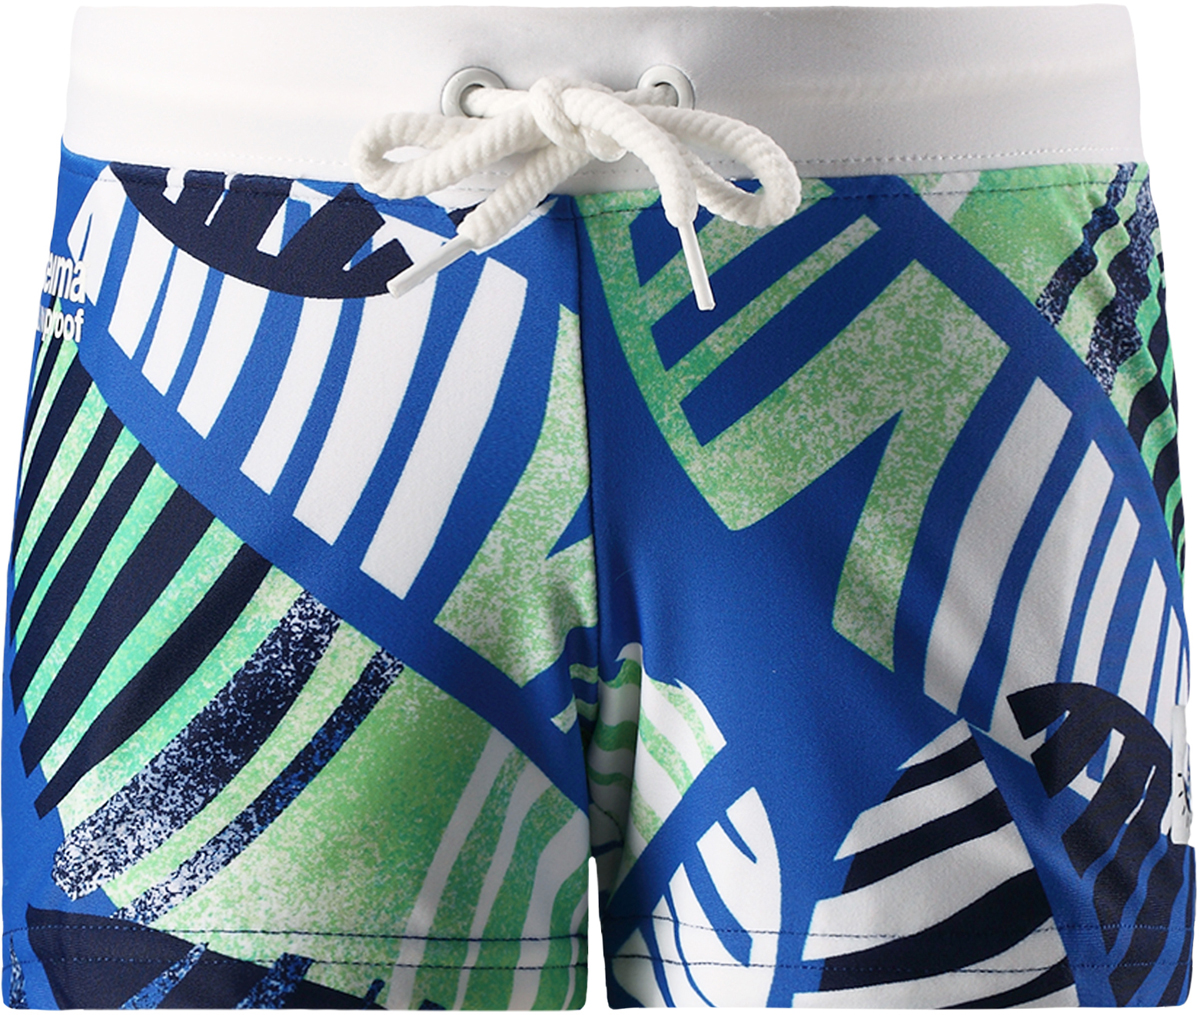 Шорты для плавания для мальчика Reima Tonga, цвет: синий, зеленый. 5262896641. Размер 1045262896641Короткие шорты для плавания от Reima для детей сделаны из материала SunProof с УФ-фильтром 50+. Подходят как для купания, так и для игр на солнце. Шорты – эластичные и быстро сохнущие. Эластичная подкладка спереди привнесет дополнительный комфорт. Пояс на шнурке можно регулировать для хорошей, индивидуальной посадки по фигуре.